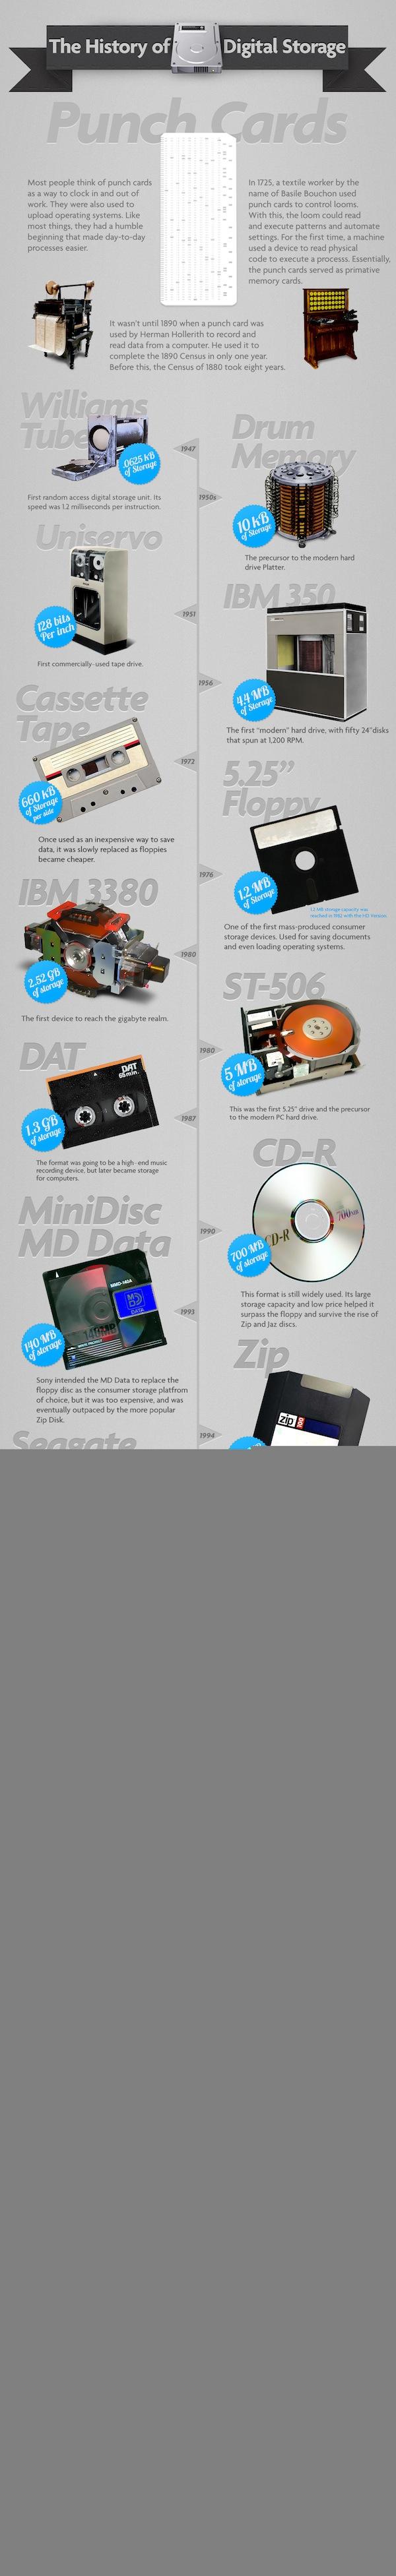 history digital storage mashable infographics 972 El almacenamiento digital [Infografía]